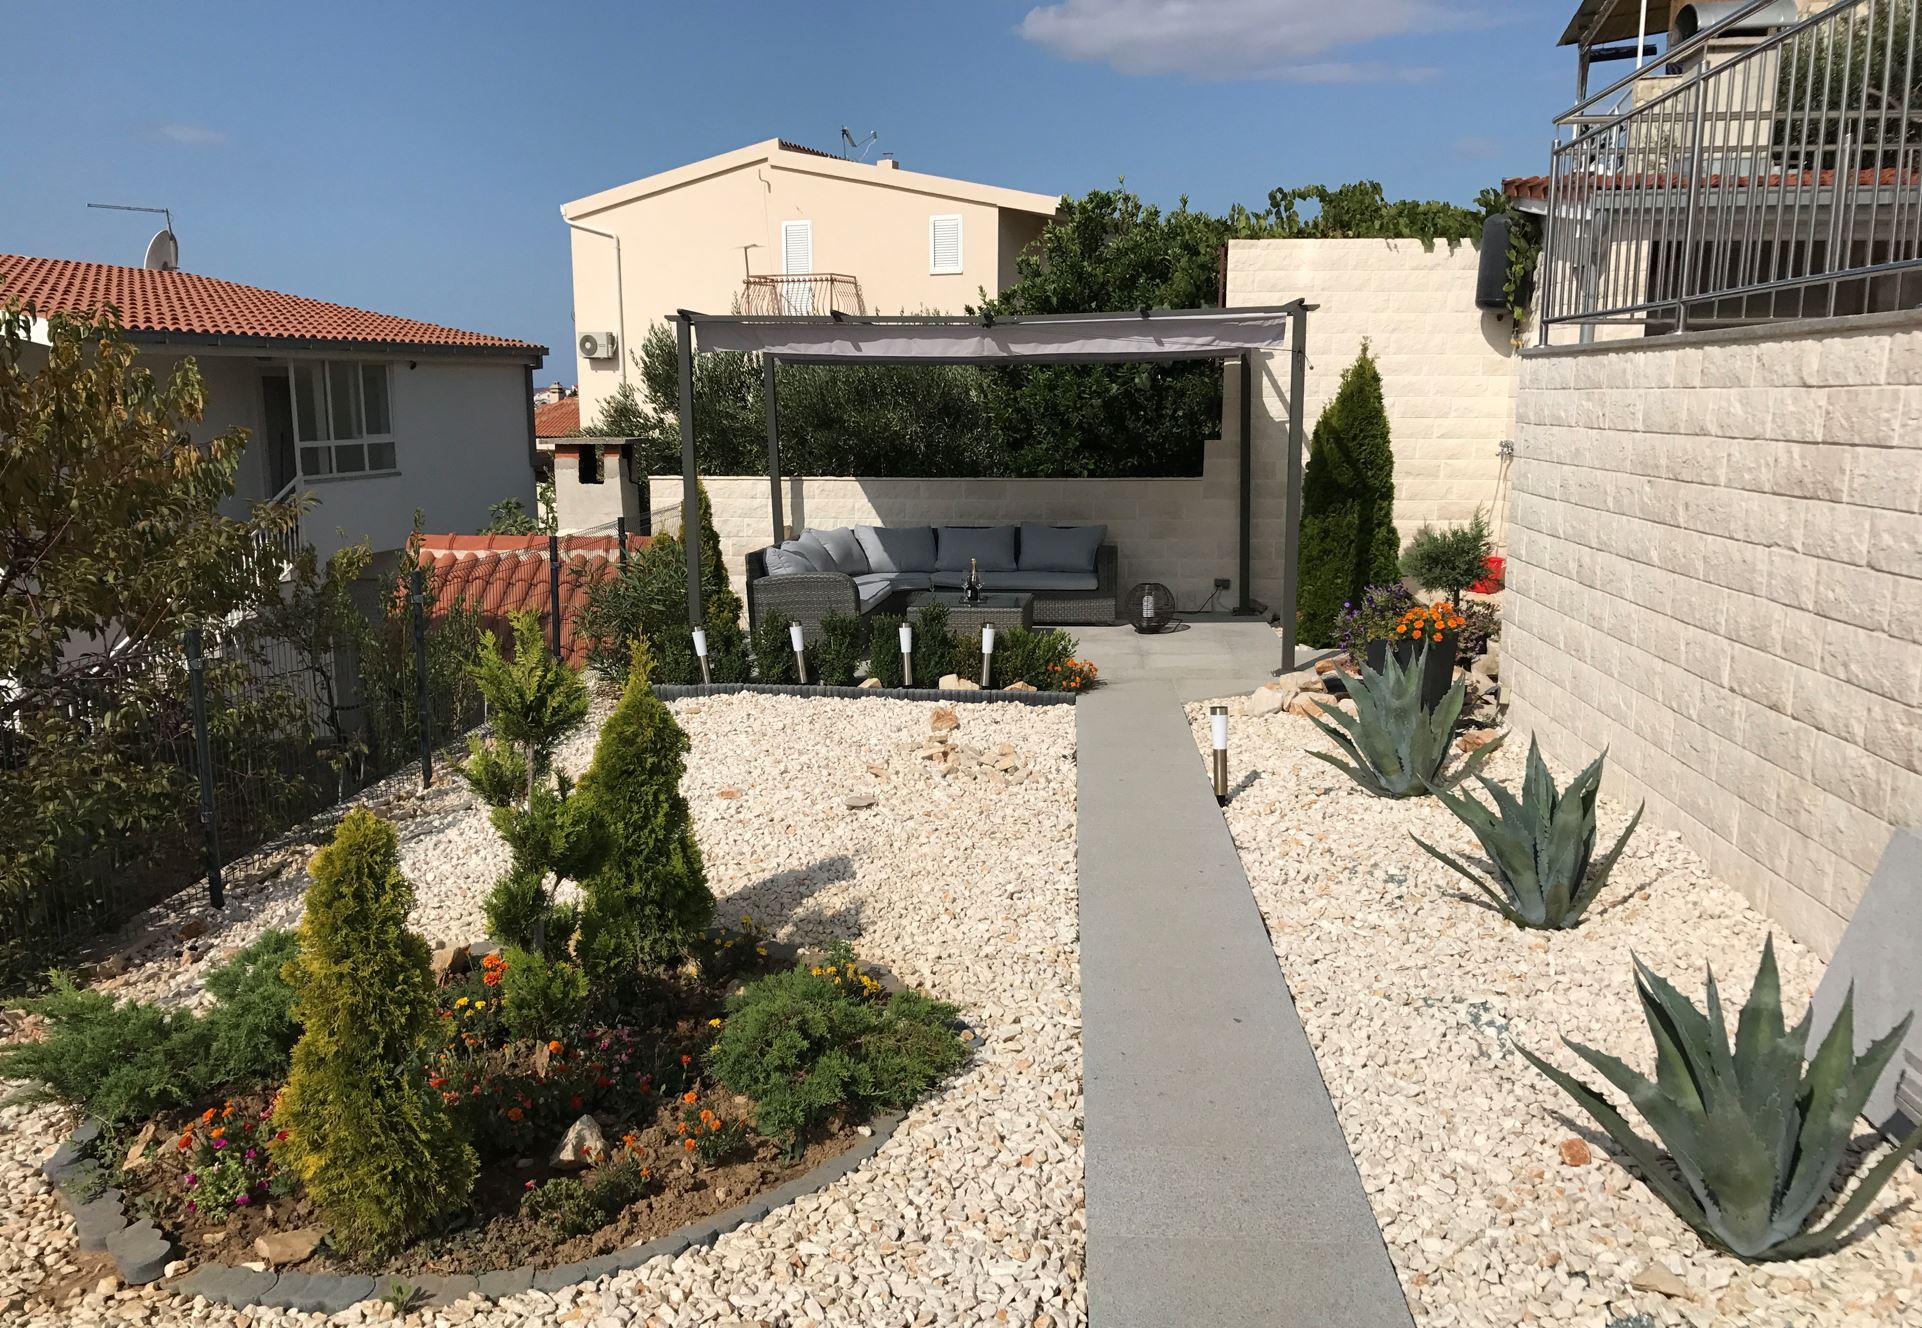 Katamarantraum Urlaubstipp: Modern gestaltete Gartenanlage